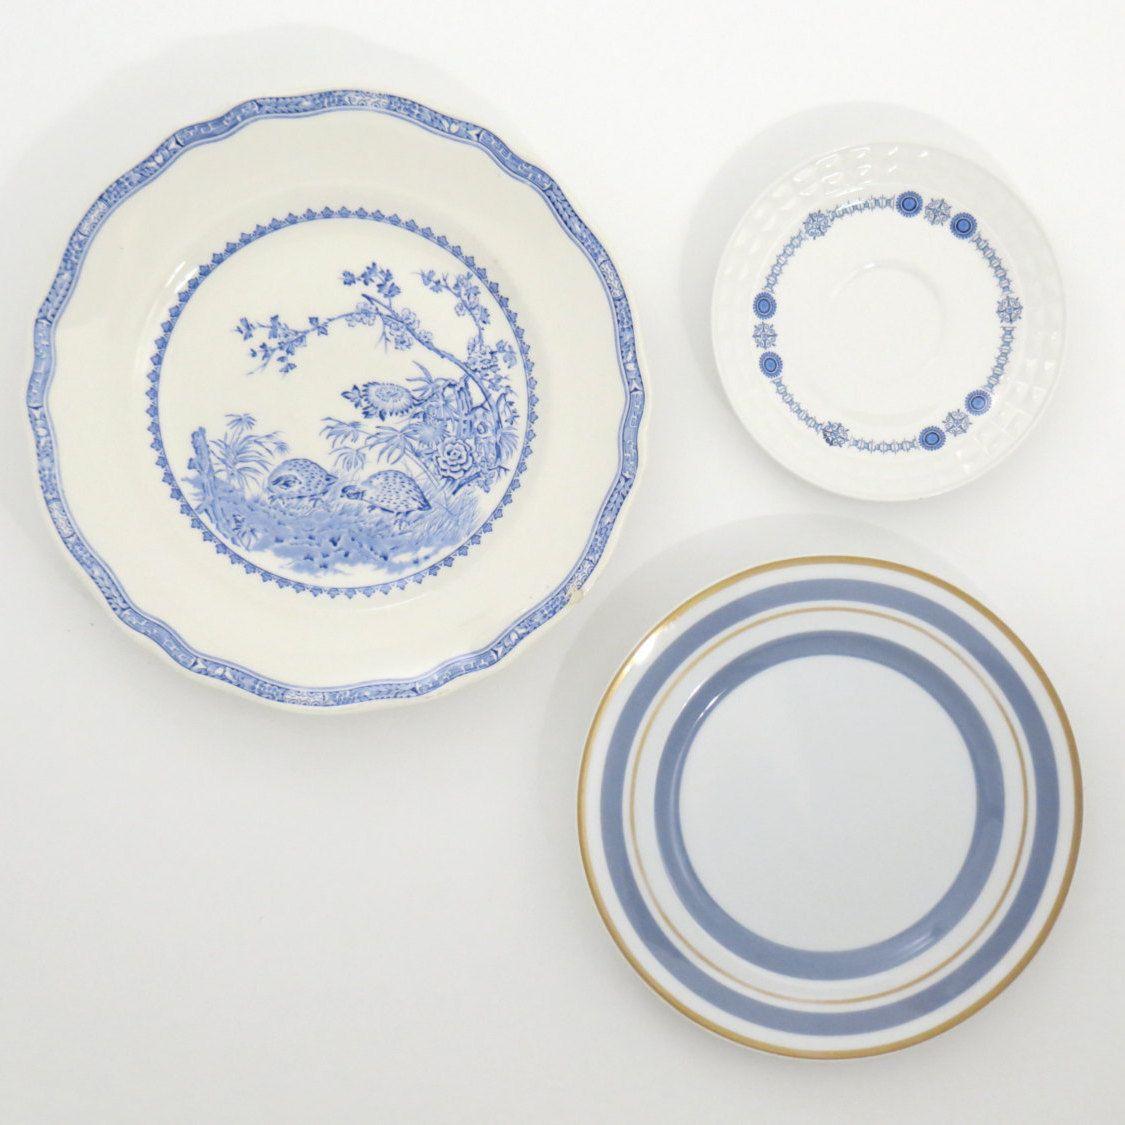 Decorative Plates Kitchen Wall Decor Shabby Chic Farmhouse ...